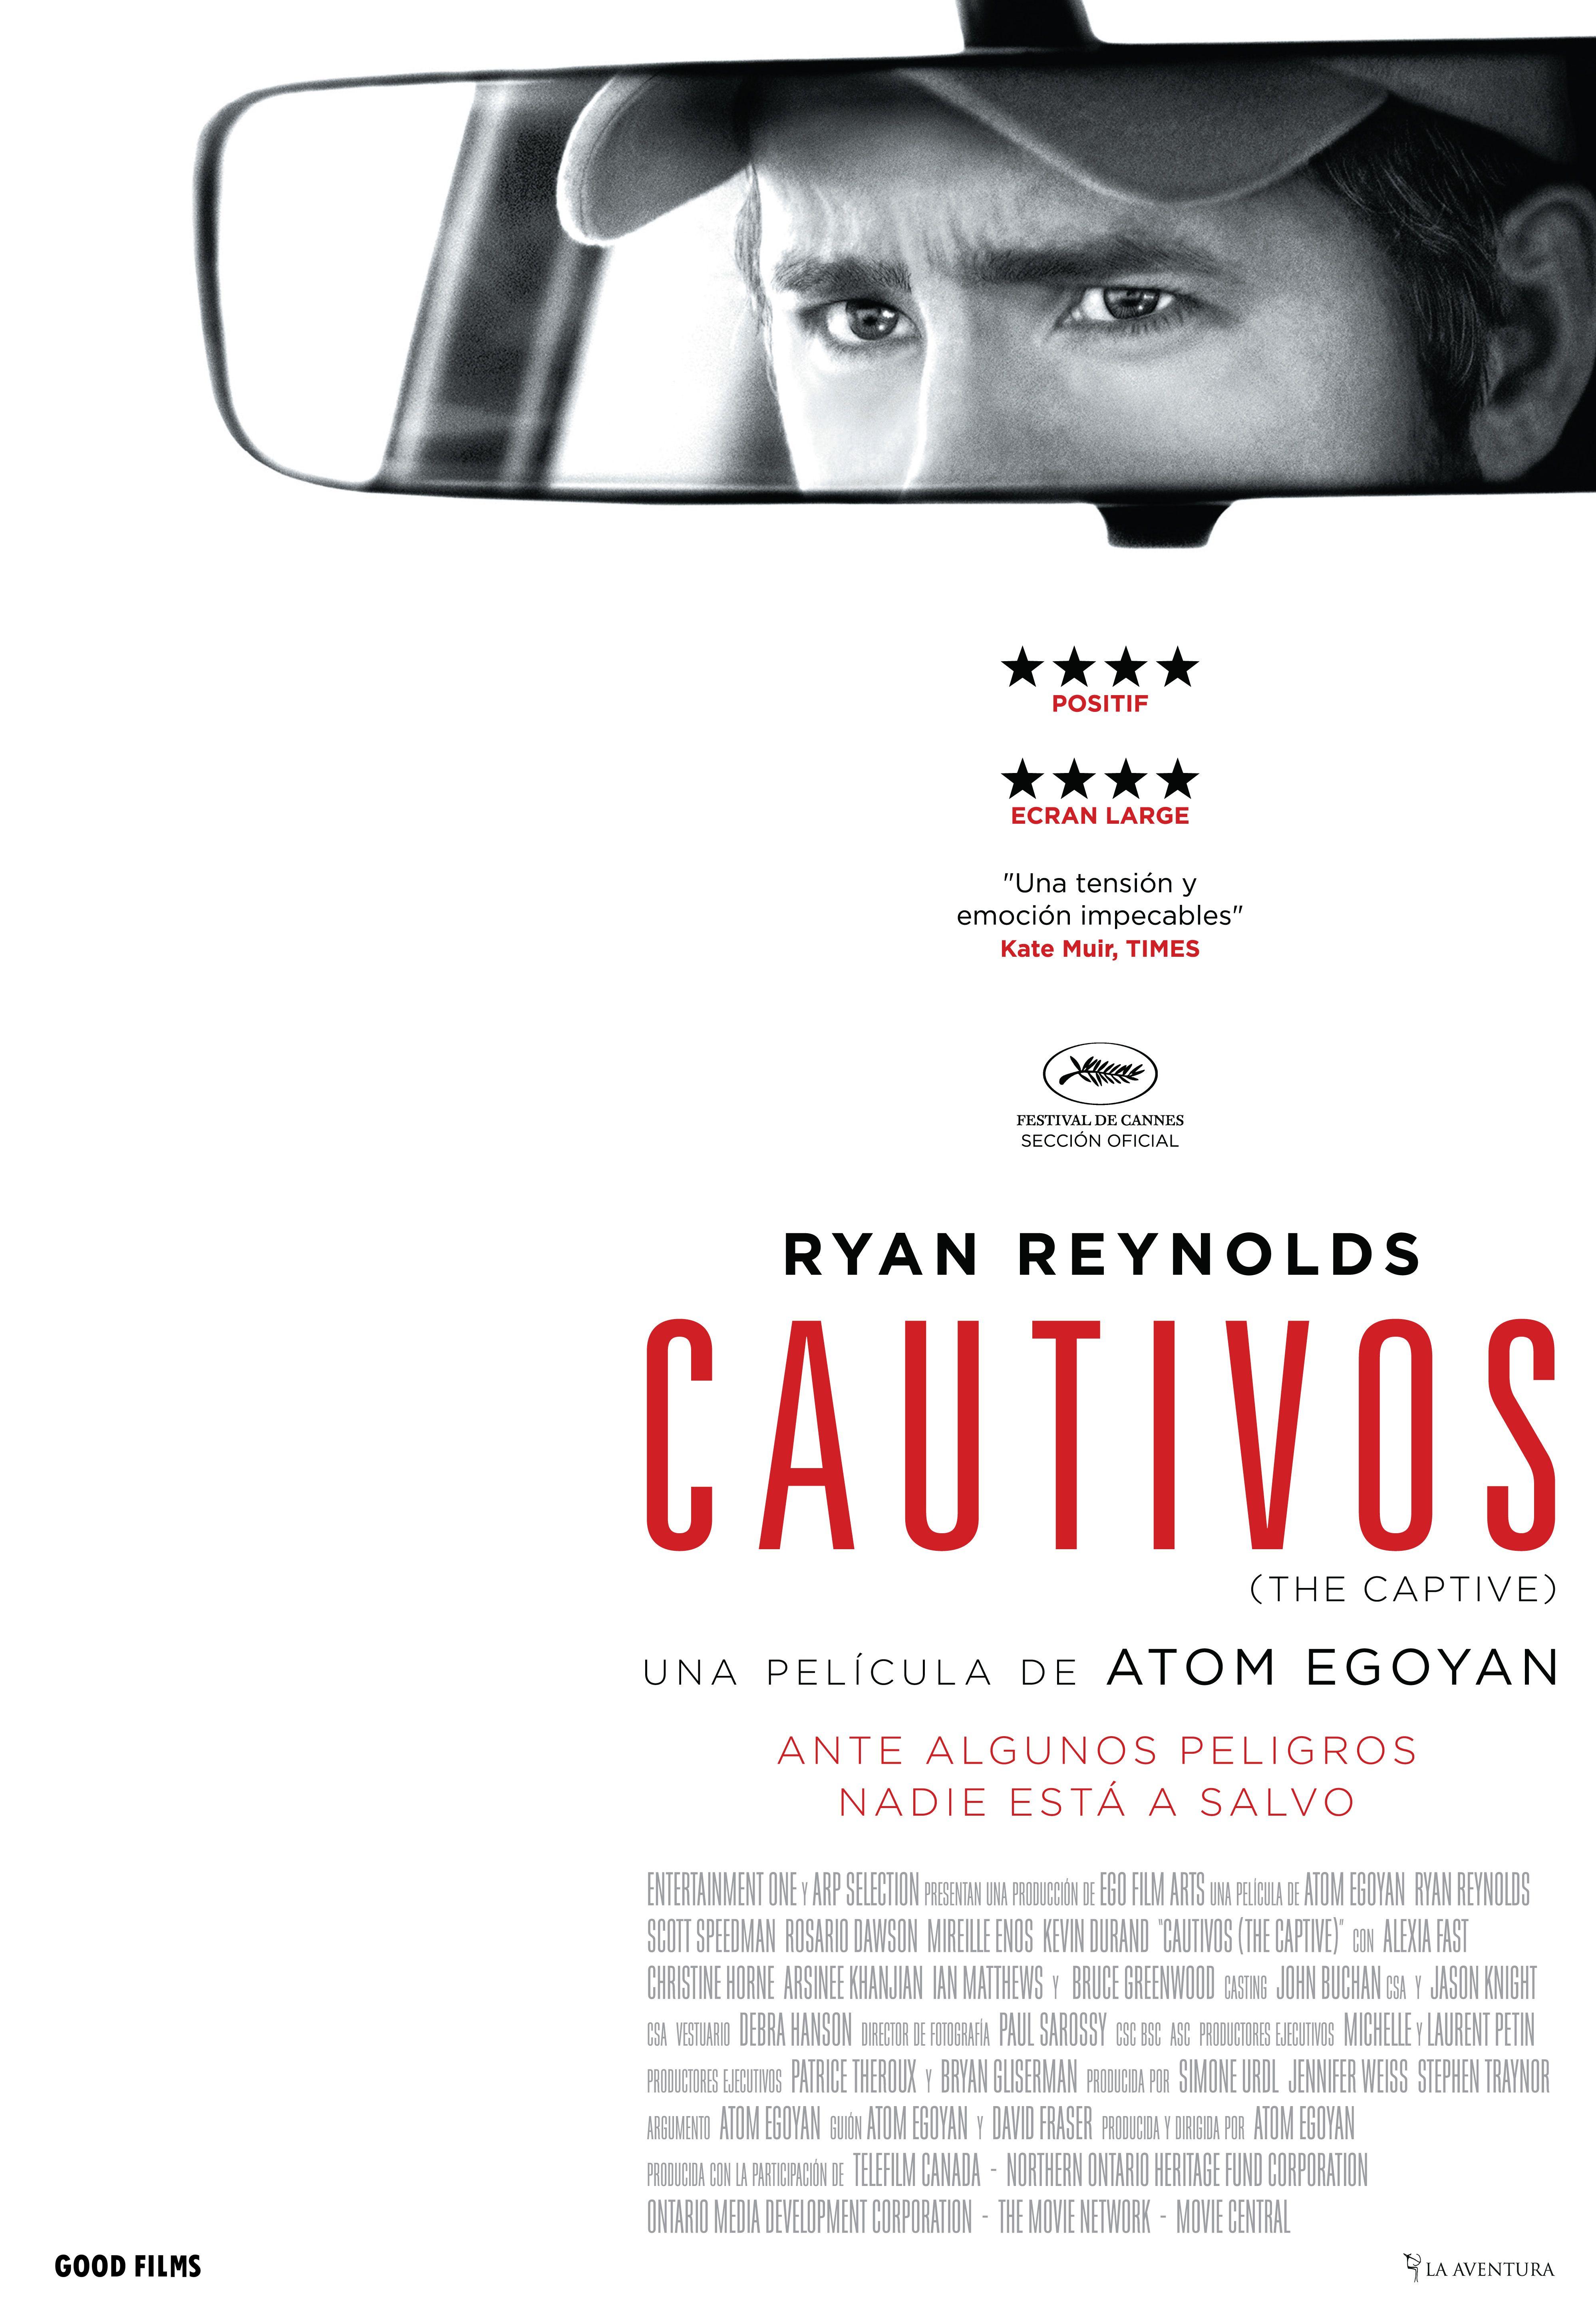 2014 - Cautivos - The Captive - tt2326612